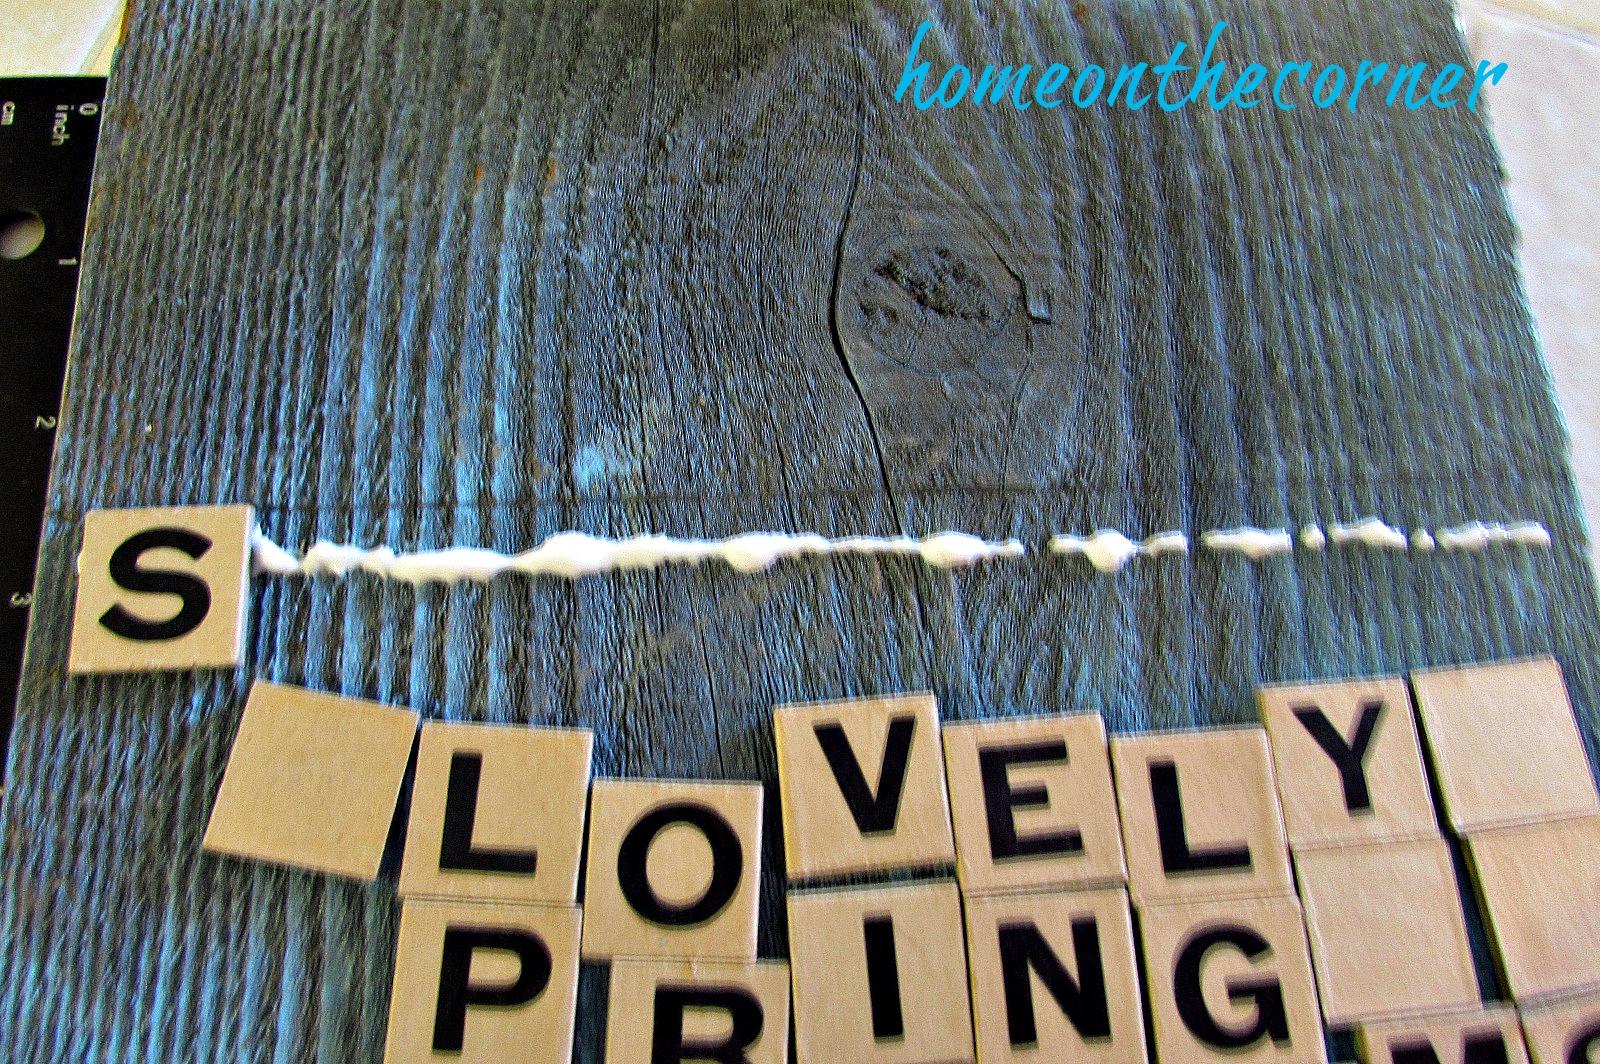 scrabble-letter-spring-sign-glue